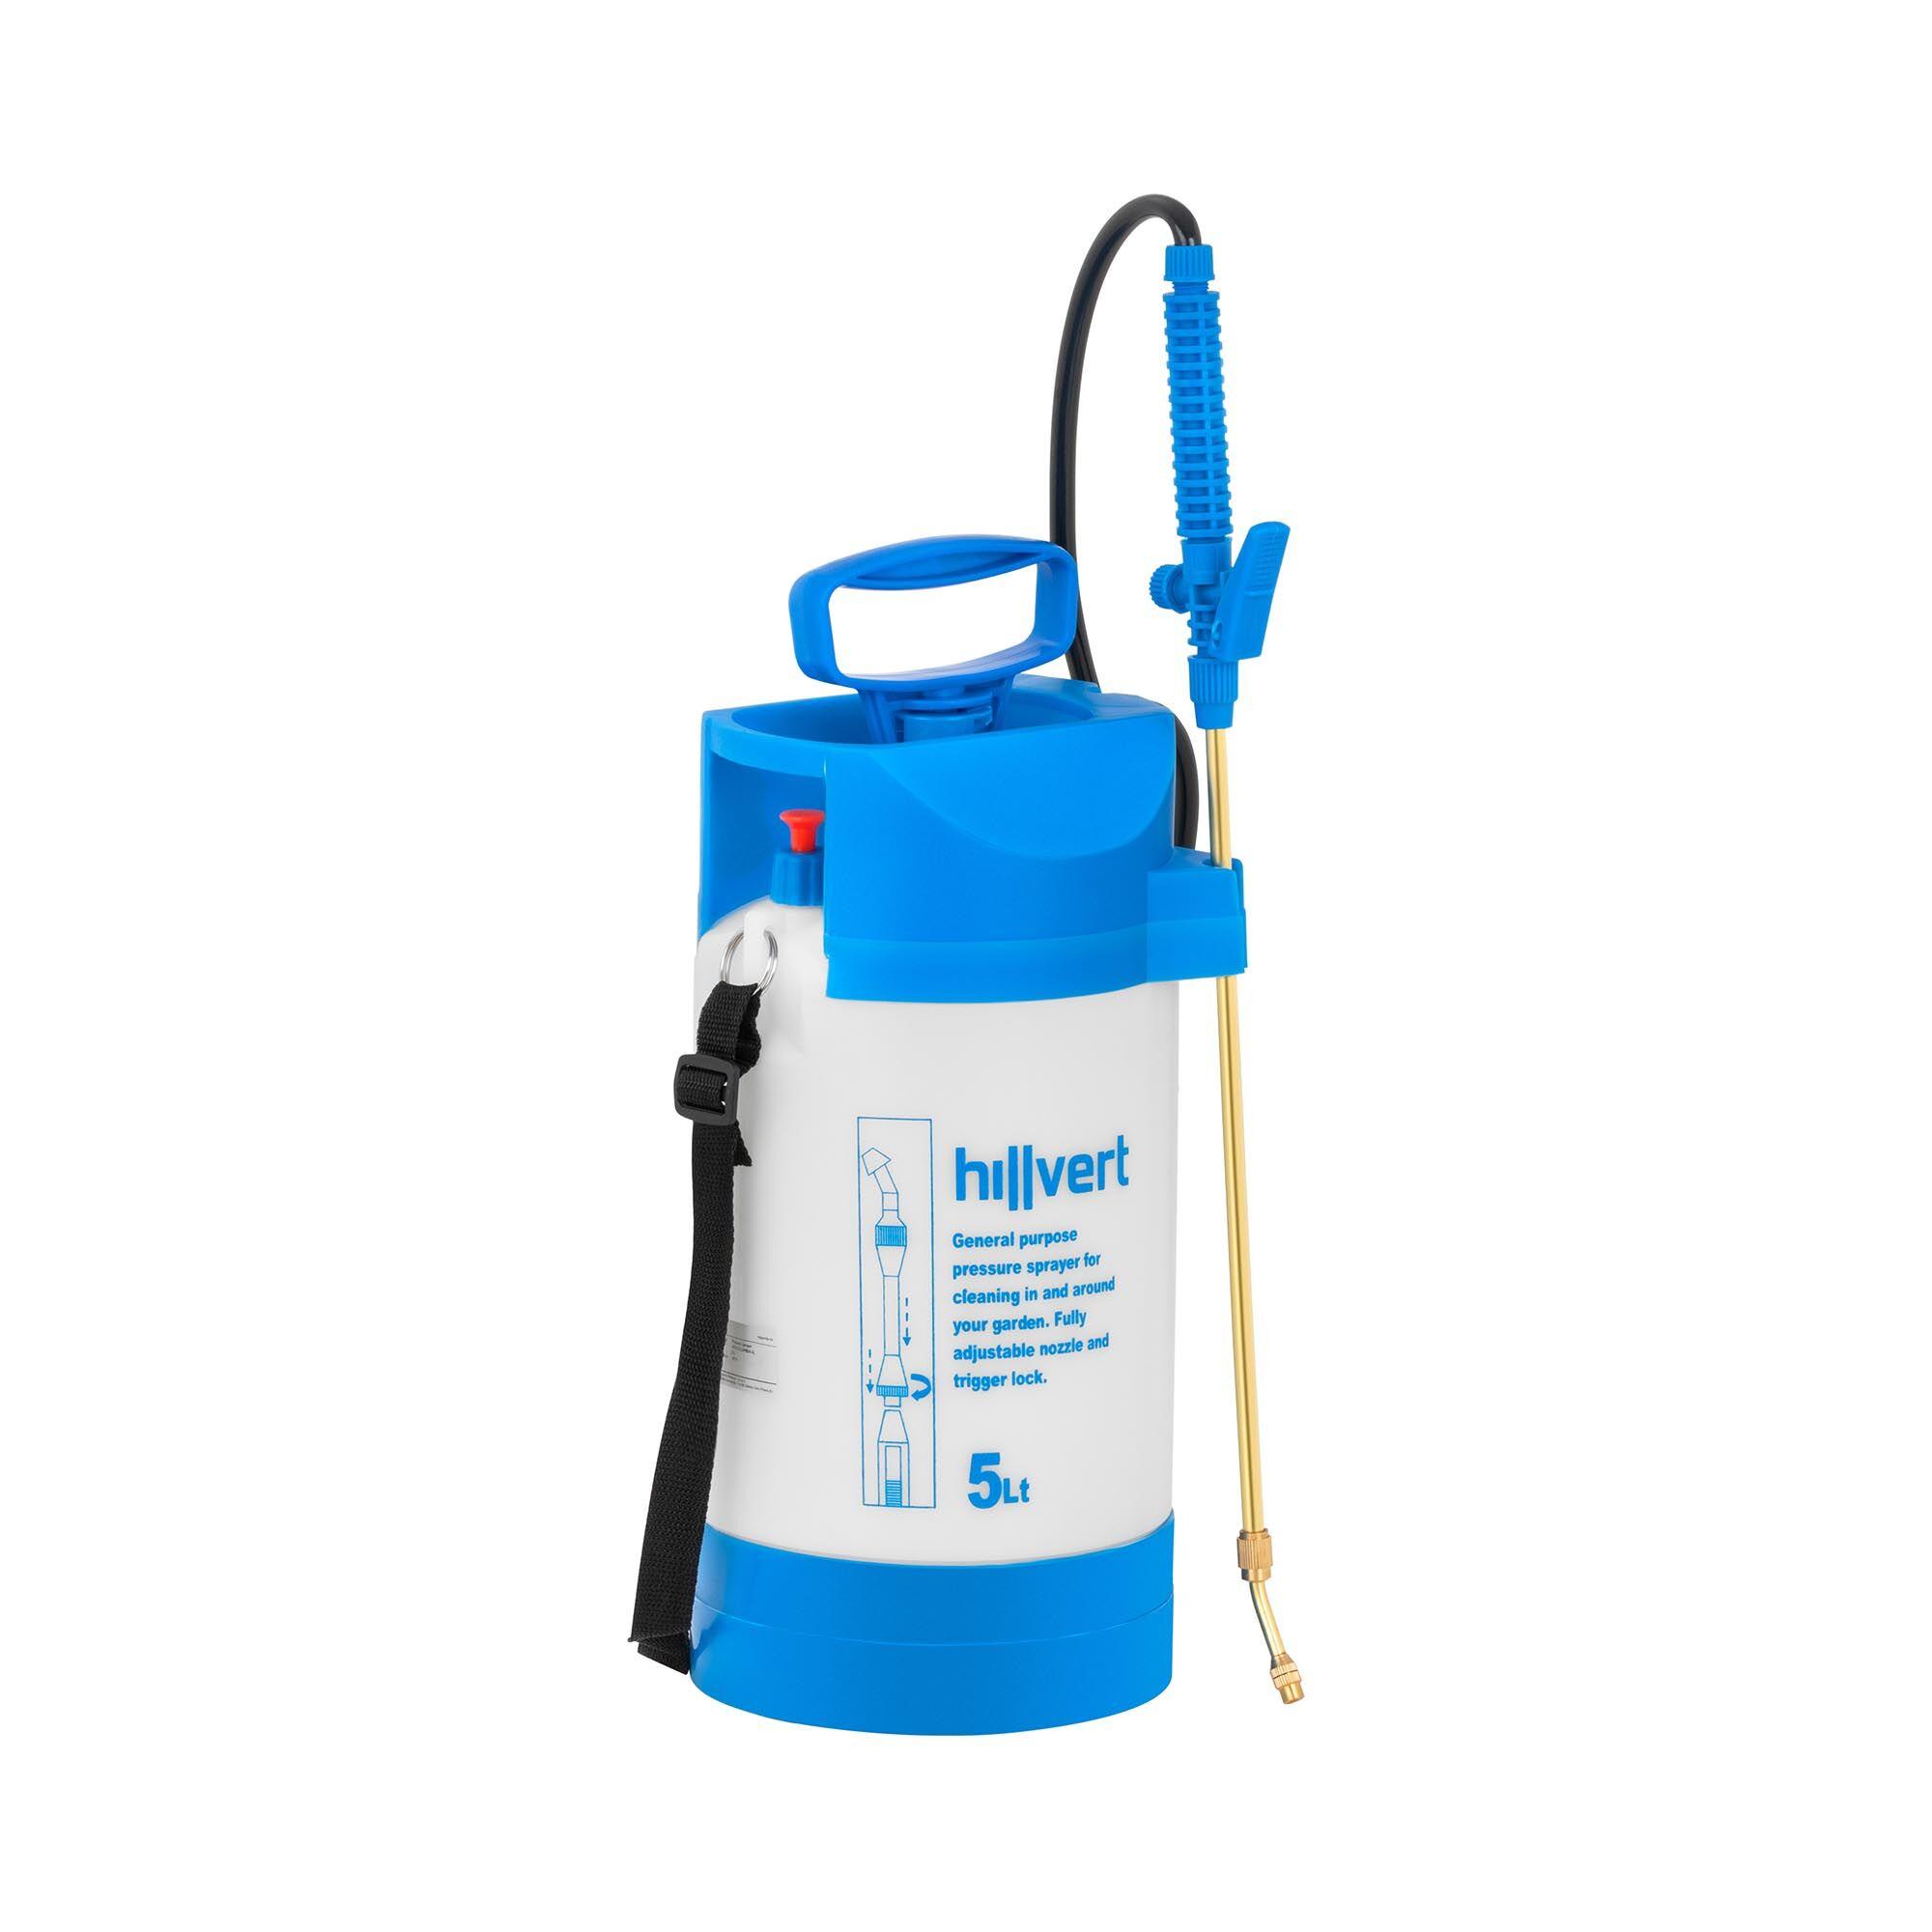 hillvert pompa irroratrice a pressione - 5 l ht-columbia-5l